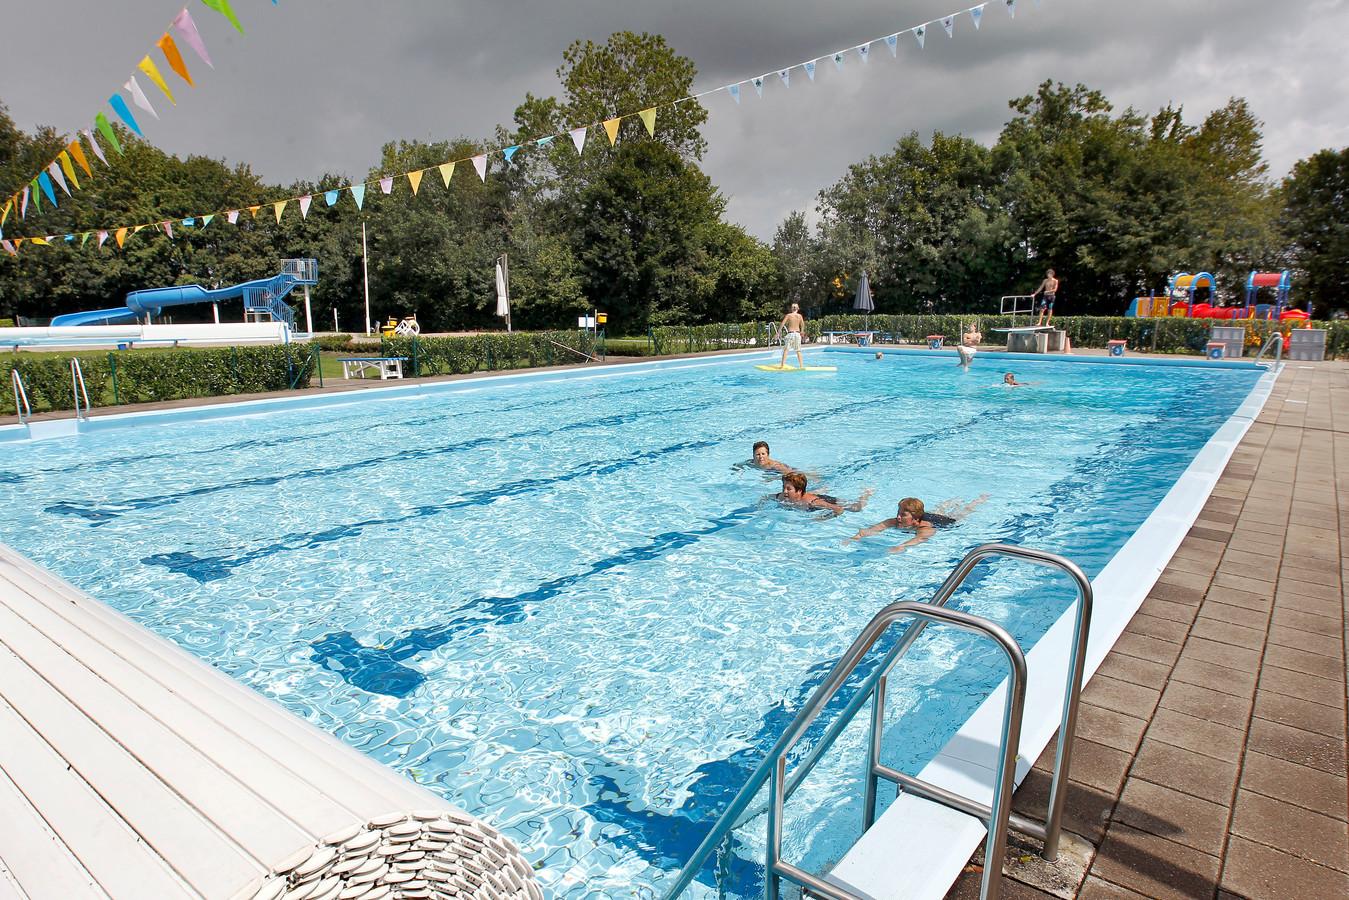 Het openluchtbad in Hasselt gaat vrijdag open.